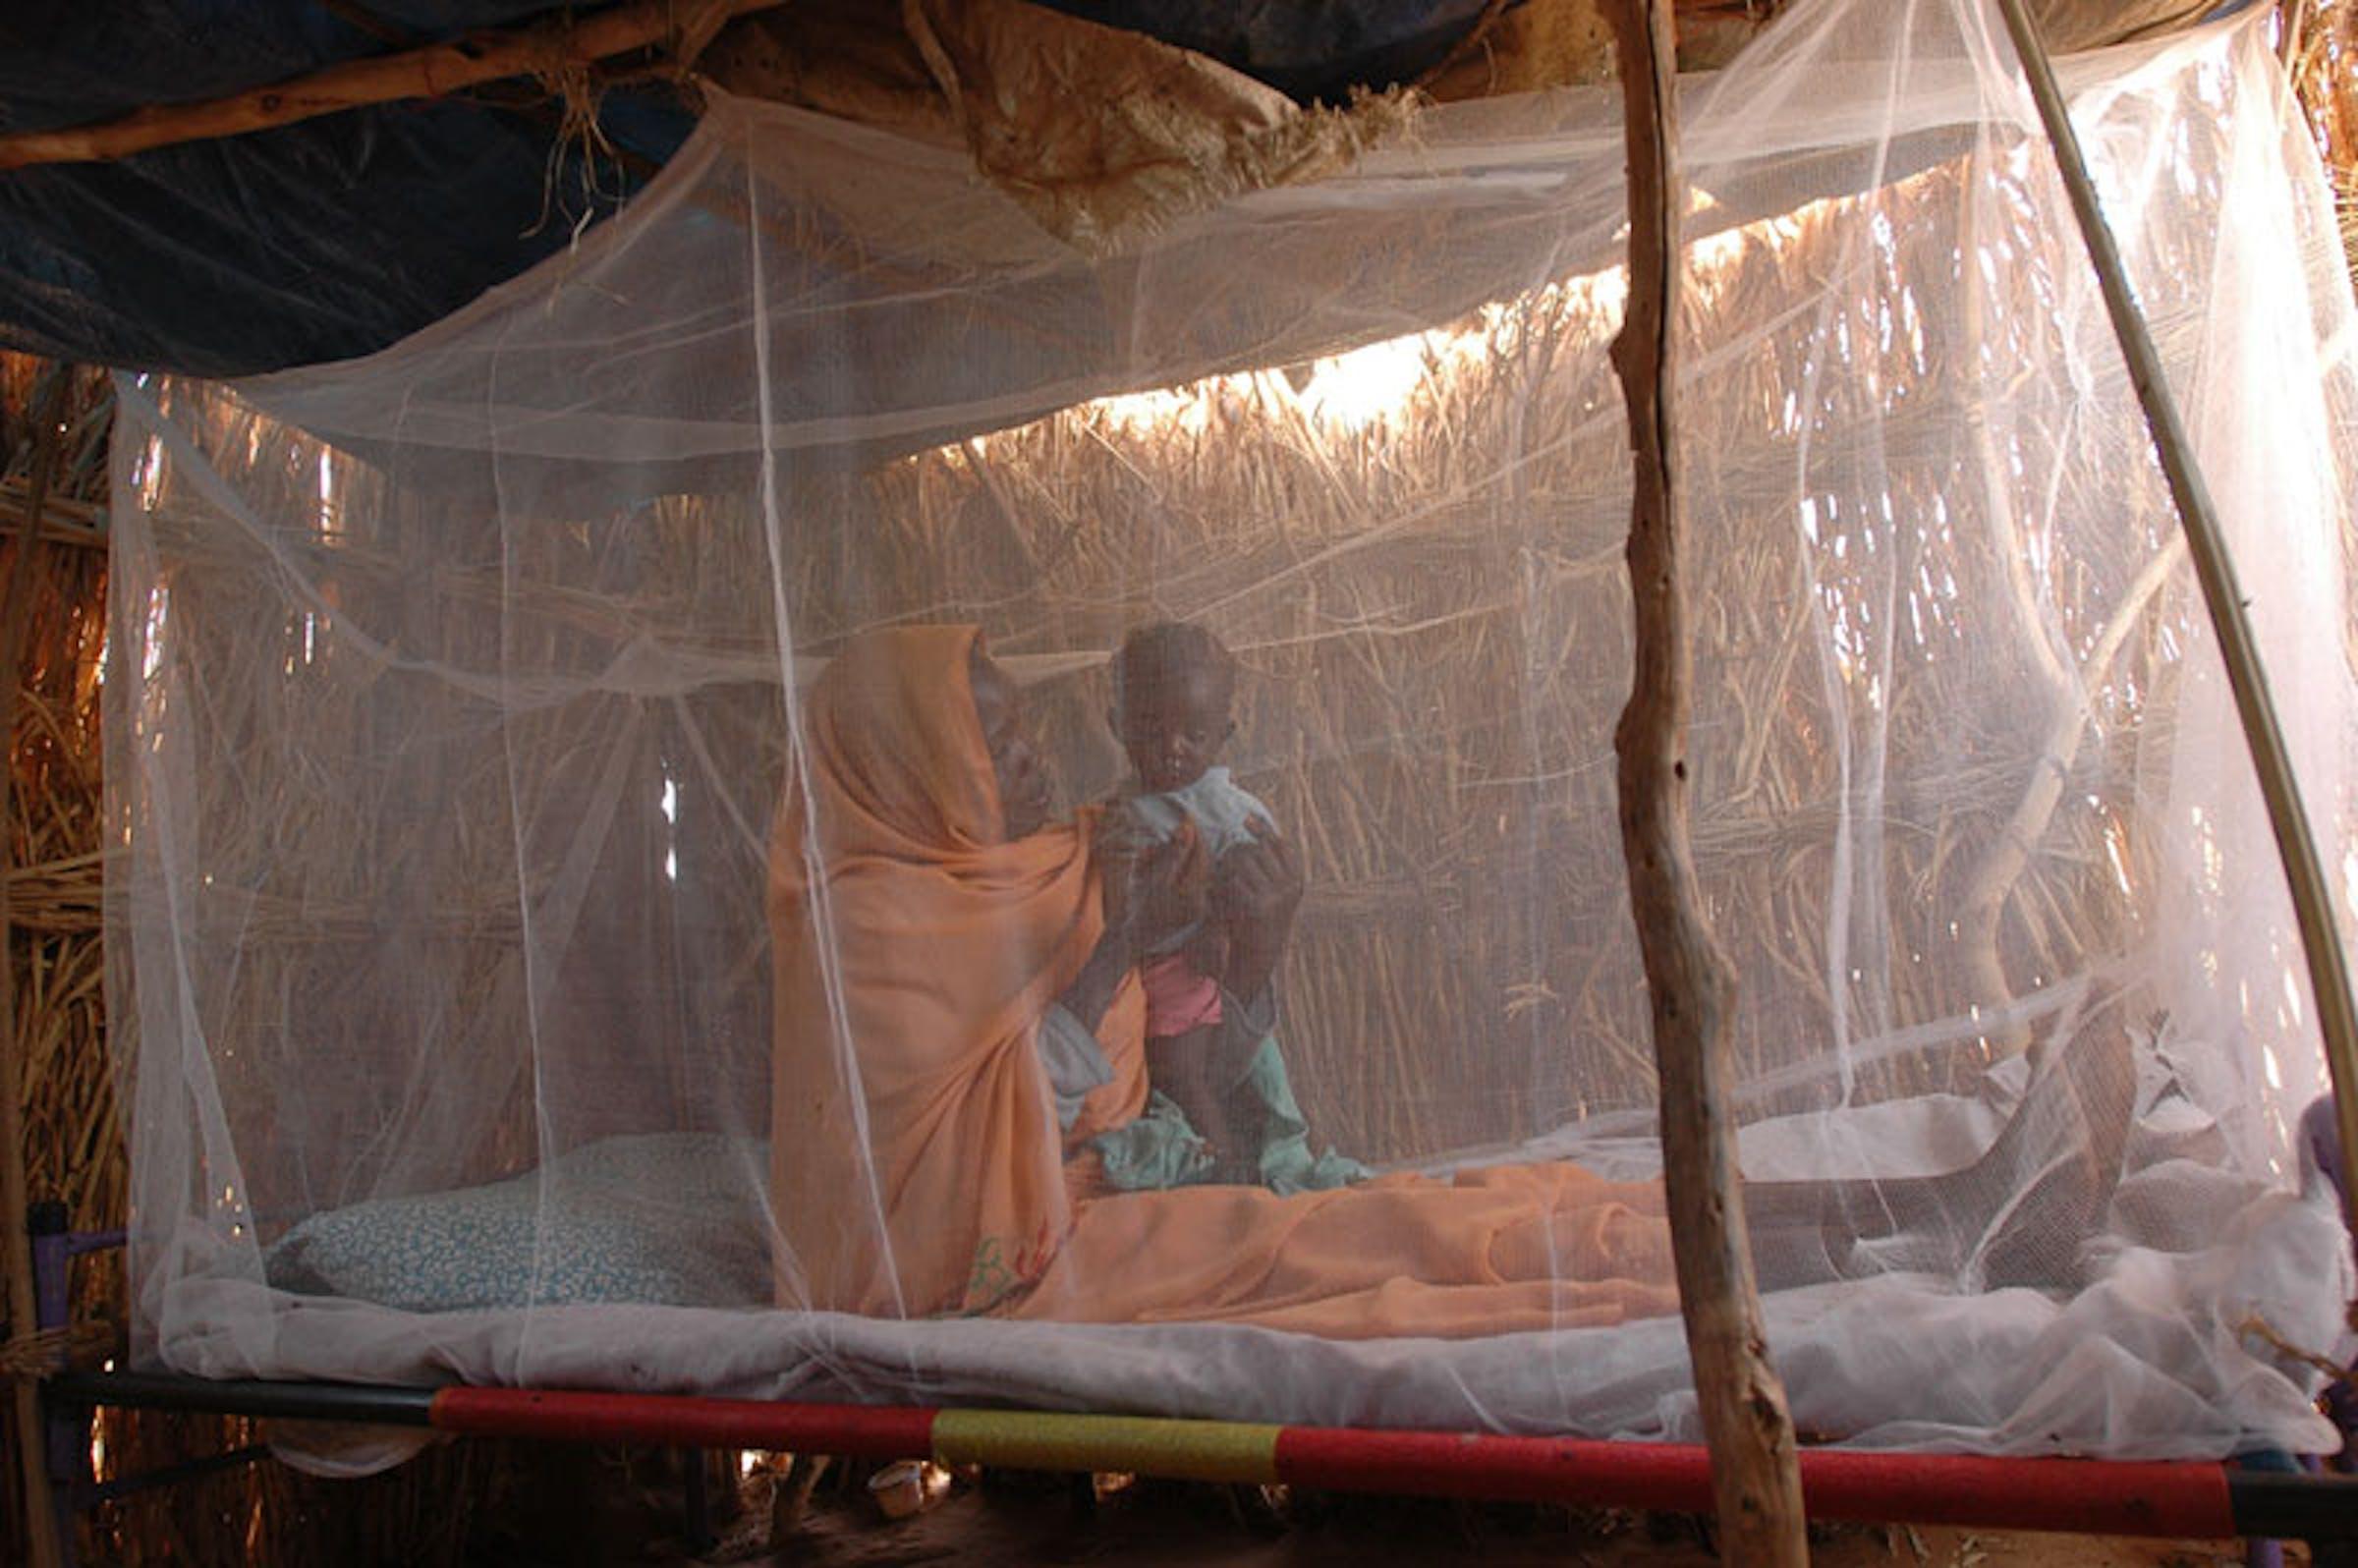 Madre e figlio sotto una zanzariera a Giuba (Sud Sudan) - ©UNICEF South Sudan